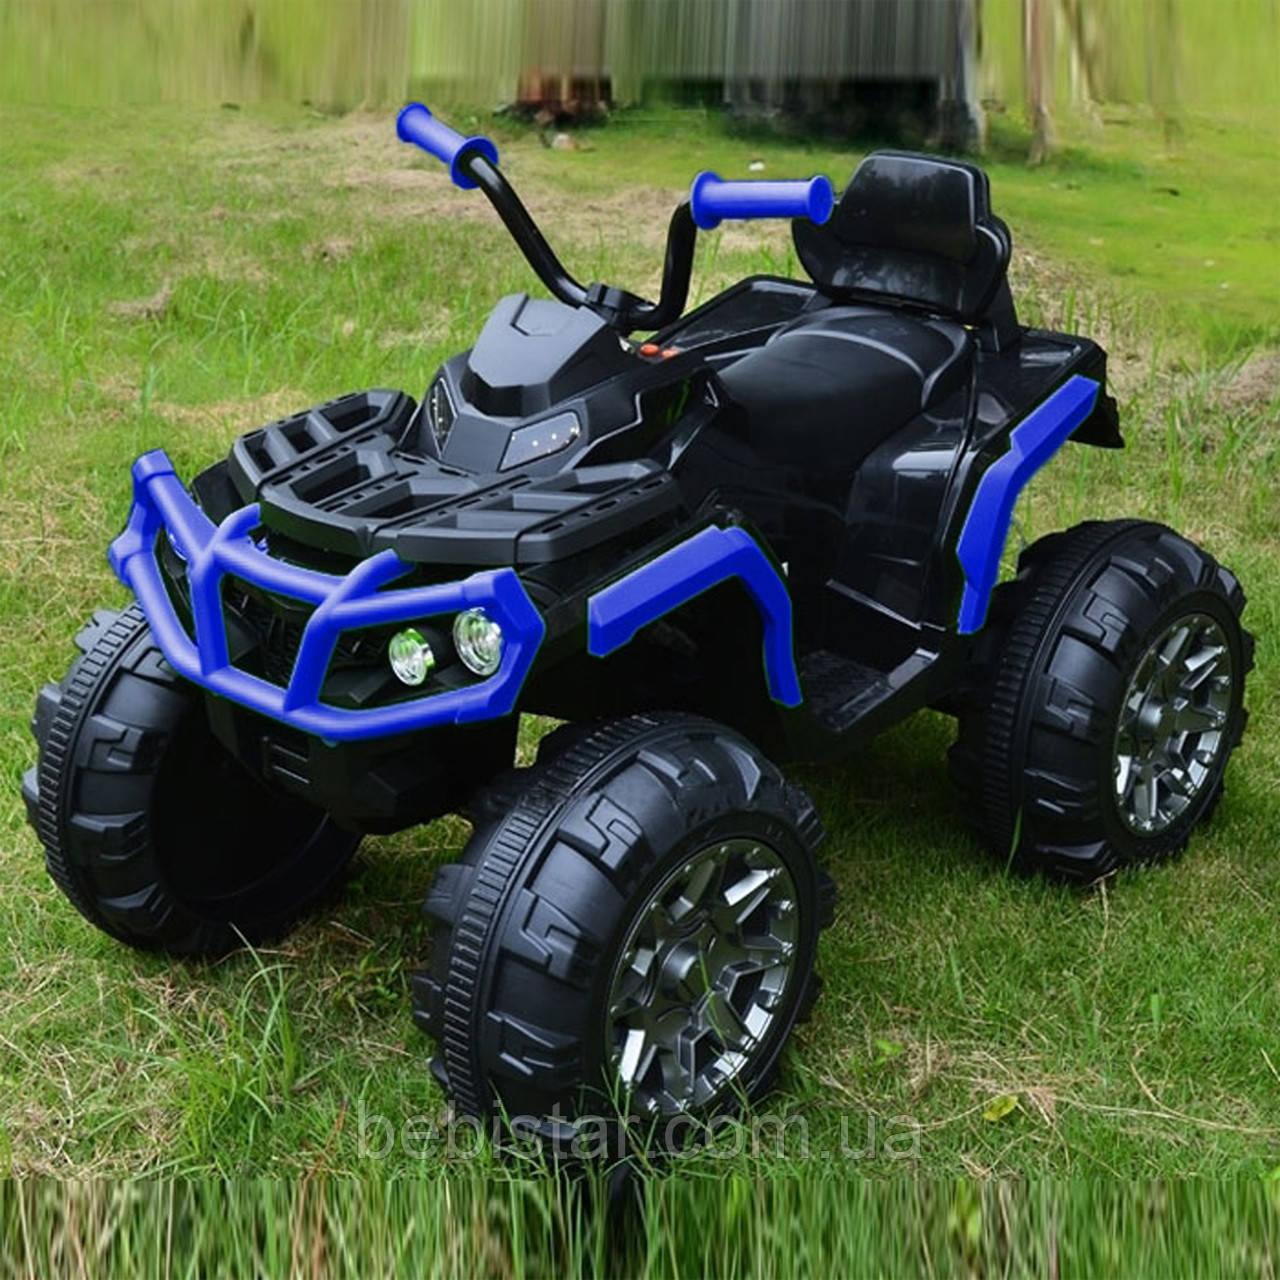 Детский электромобиль-квадроцикл аккумуляторный синий с двумя моторами и MP3 размер 106х68х50см от 3 до 8 лет